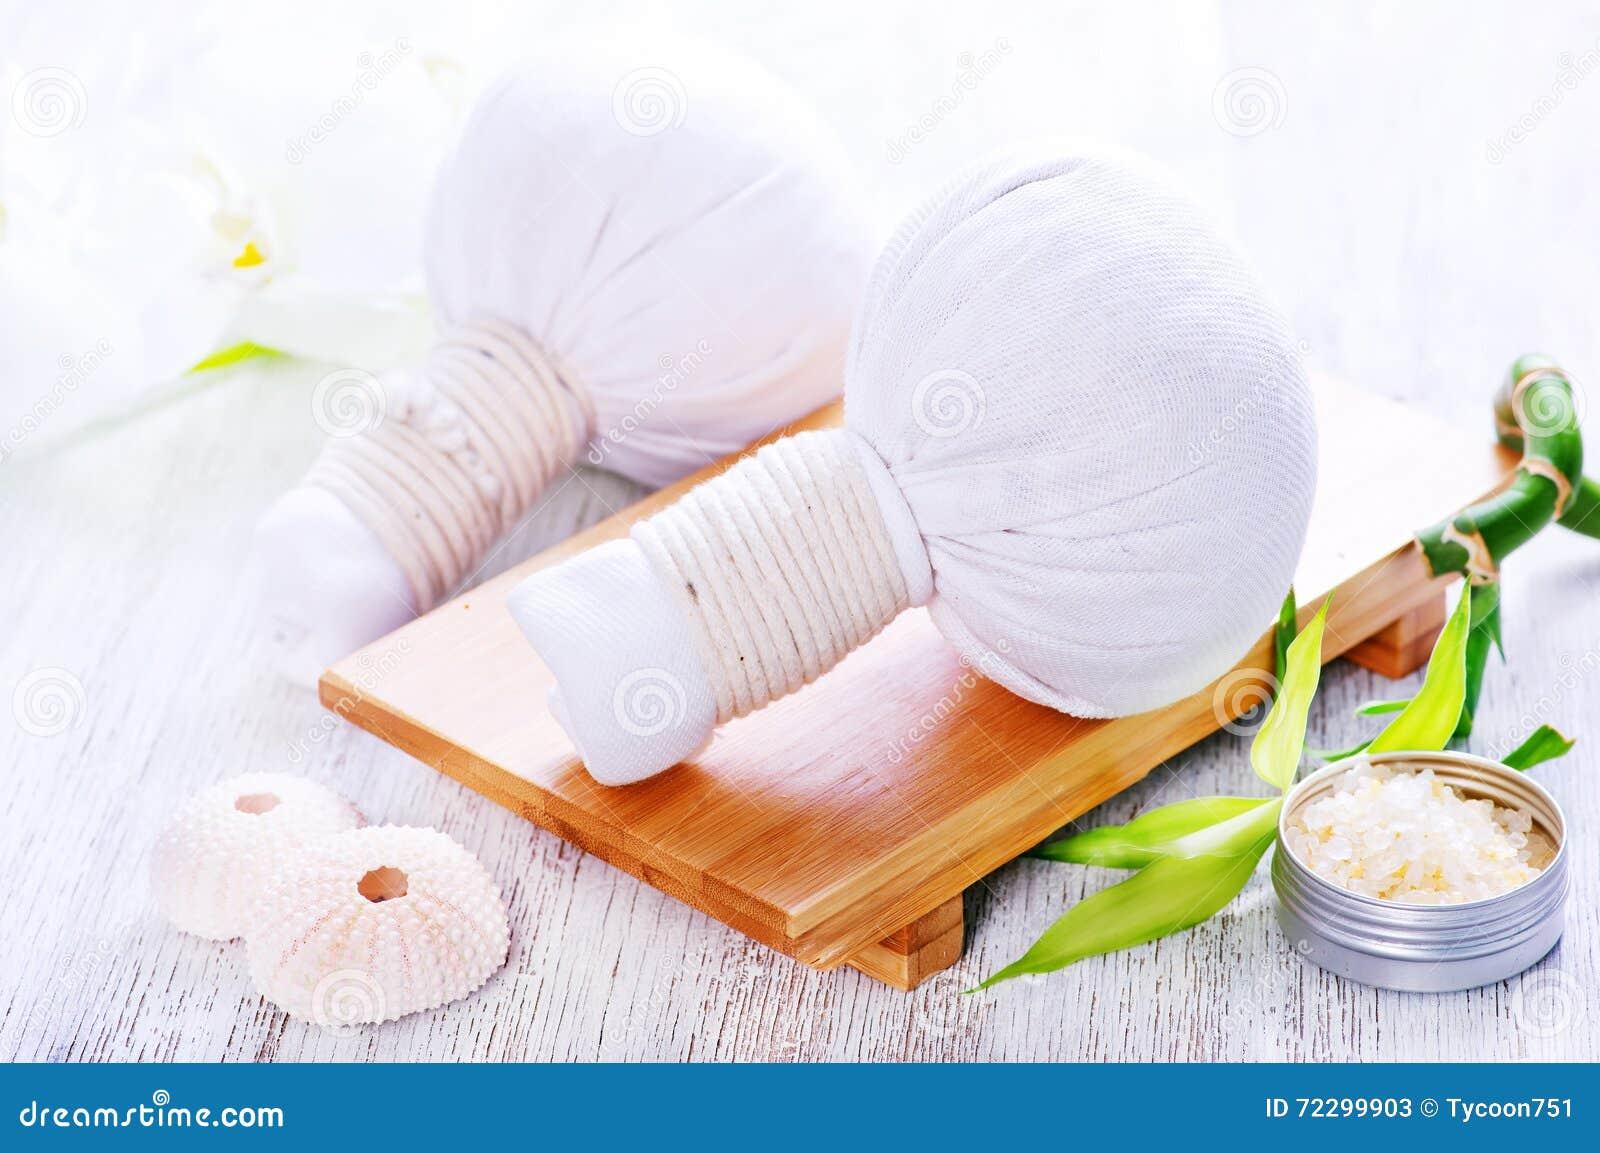 Download Ингридиенты для массажа стоковое изображение. изображение насчитывающей роскошно - 72299903